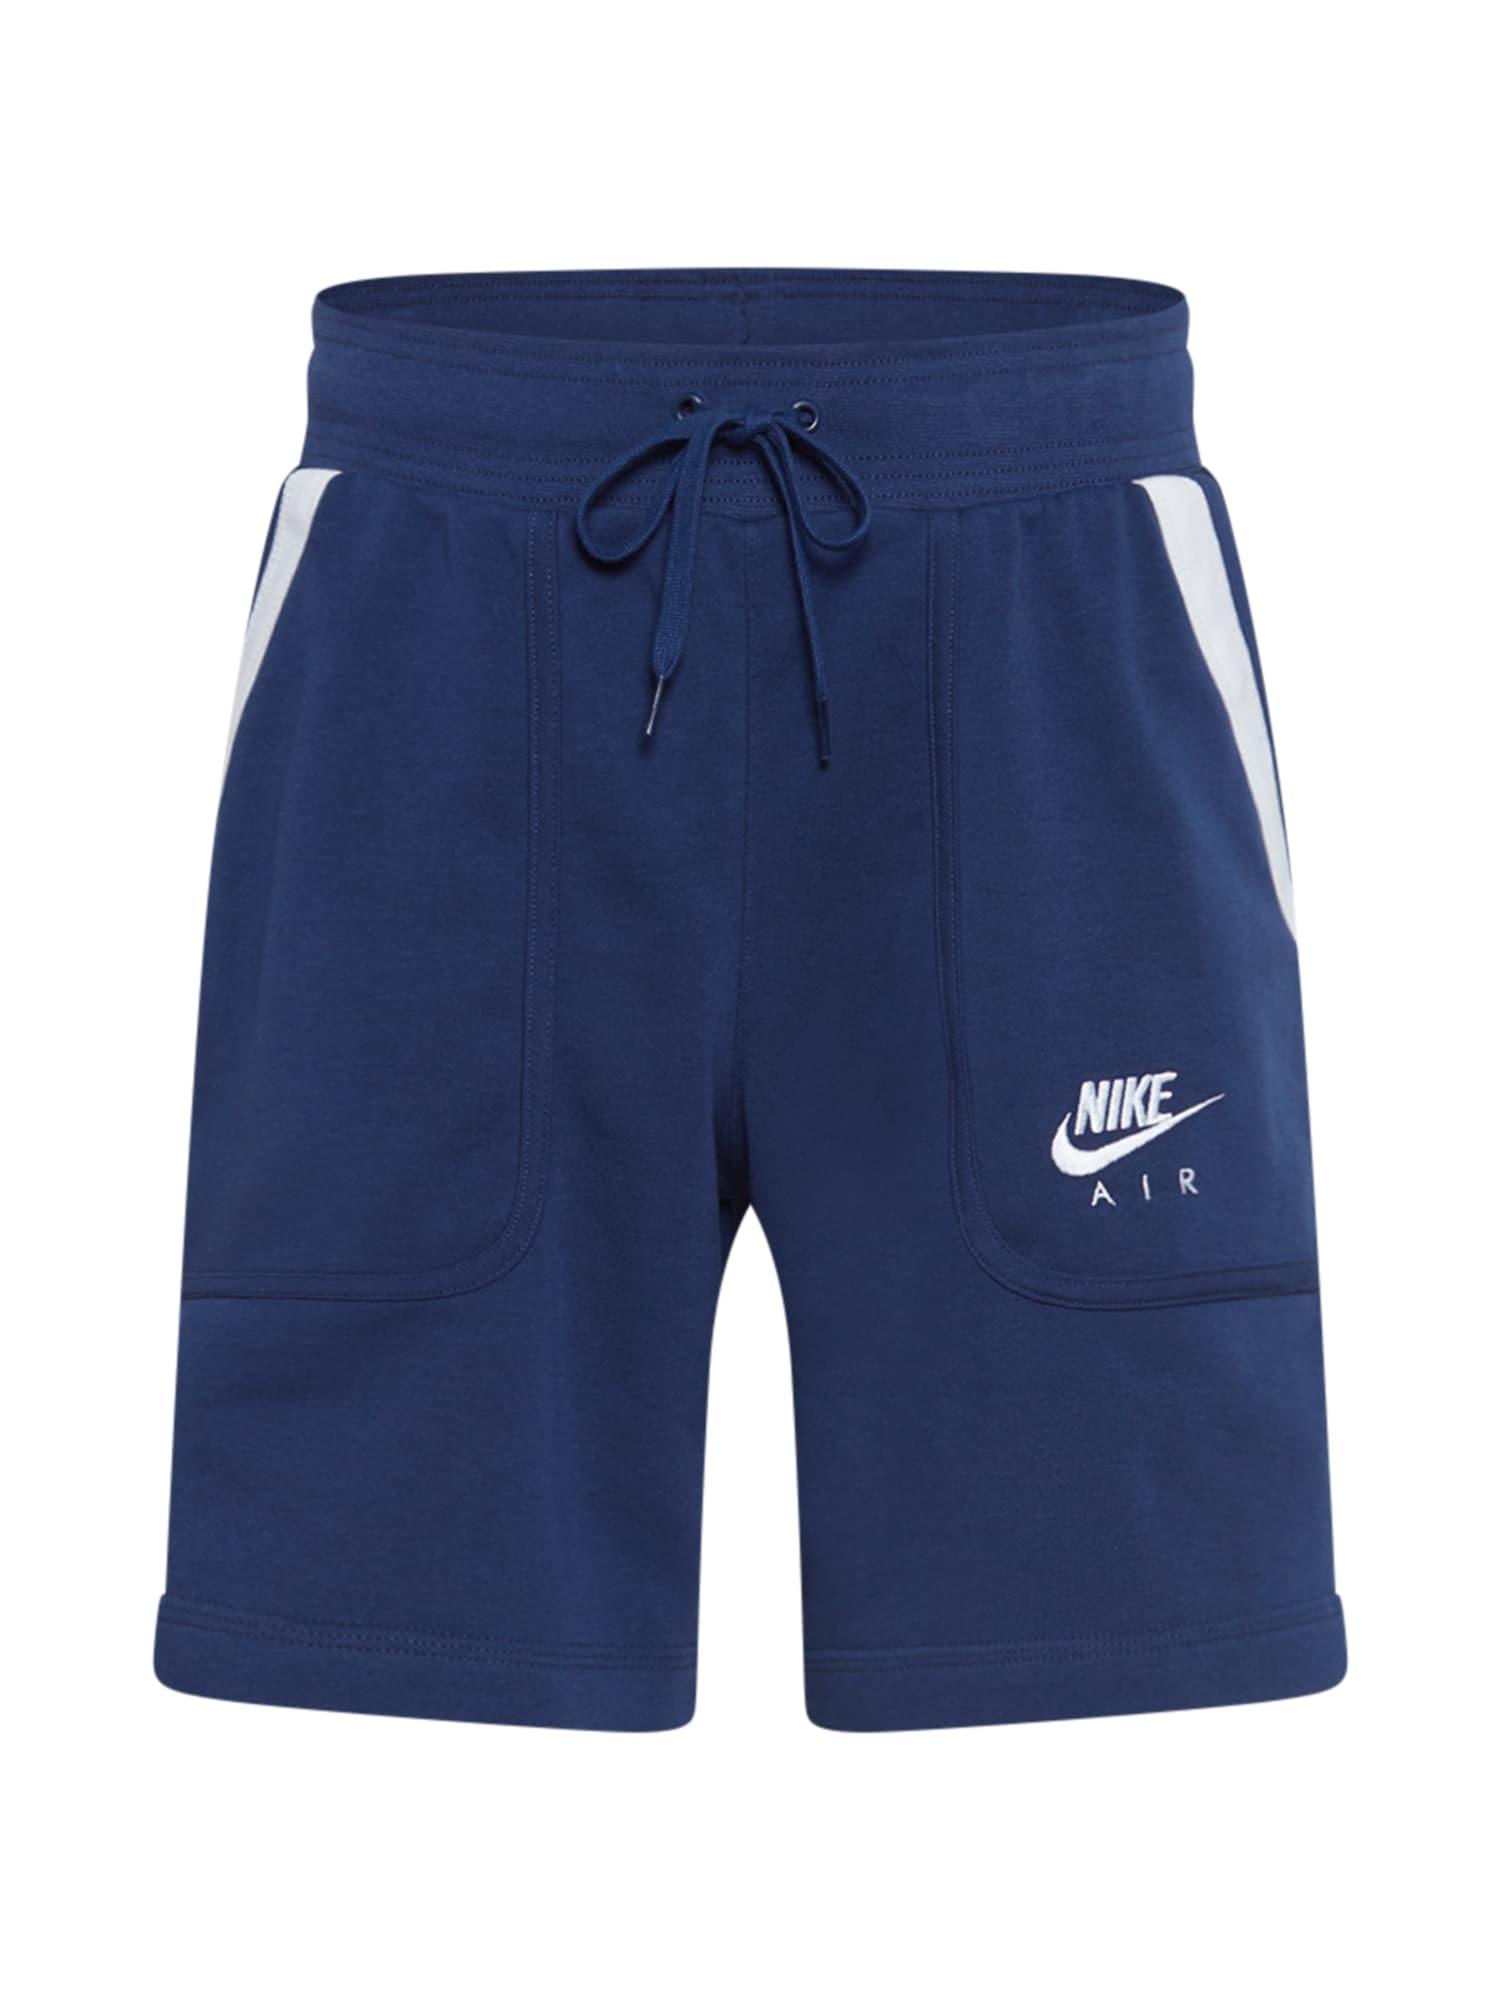 Nike Sportswear Kelnės tamsiai mėlyna / balta